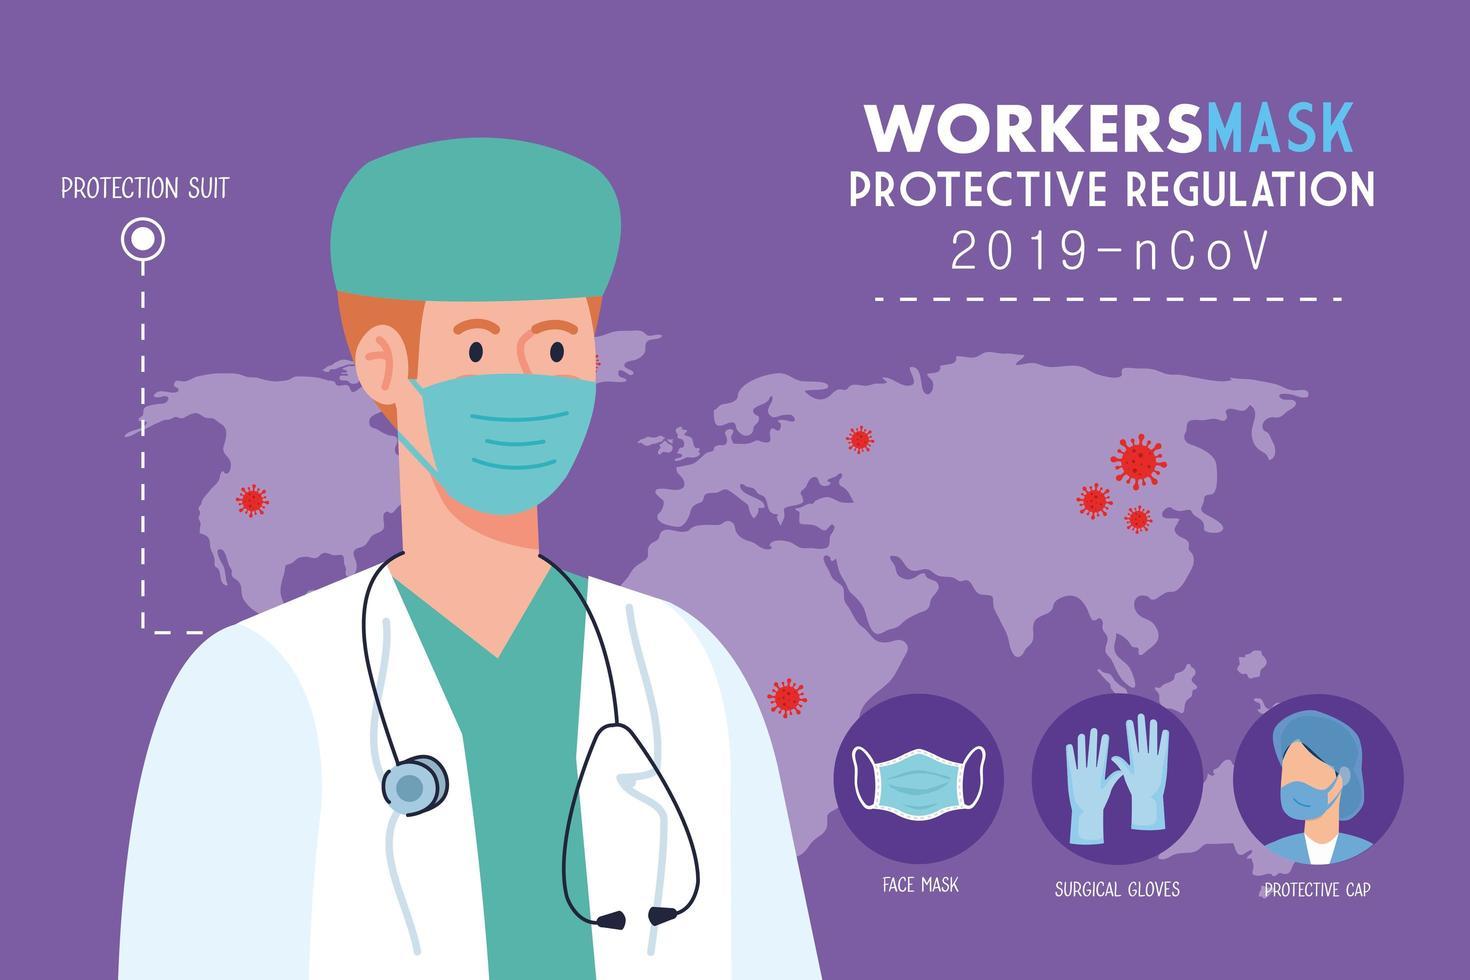 läkare som bär medicinsk mask mot ncov 2019, med skyddande reglering förebyggande koronavirus, pandemikoncept vektor